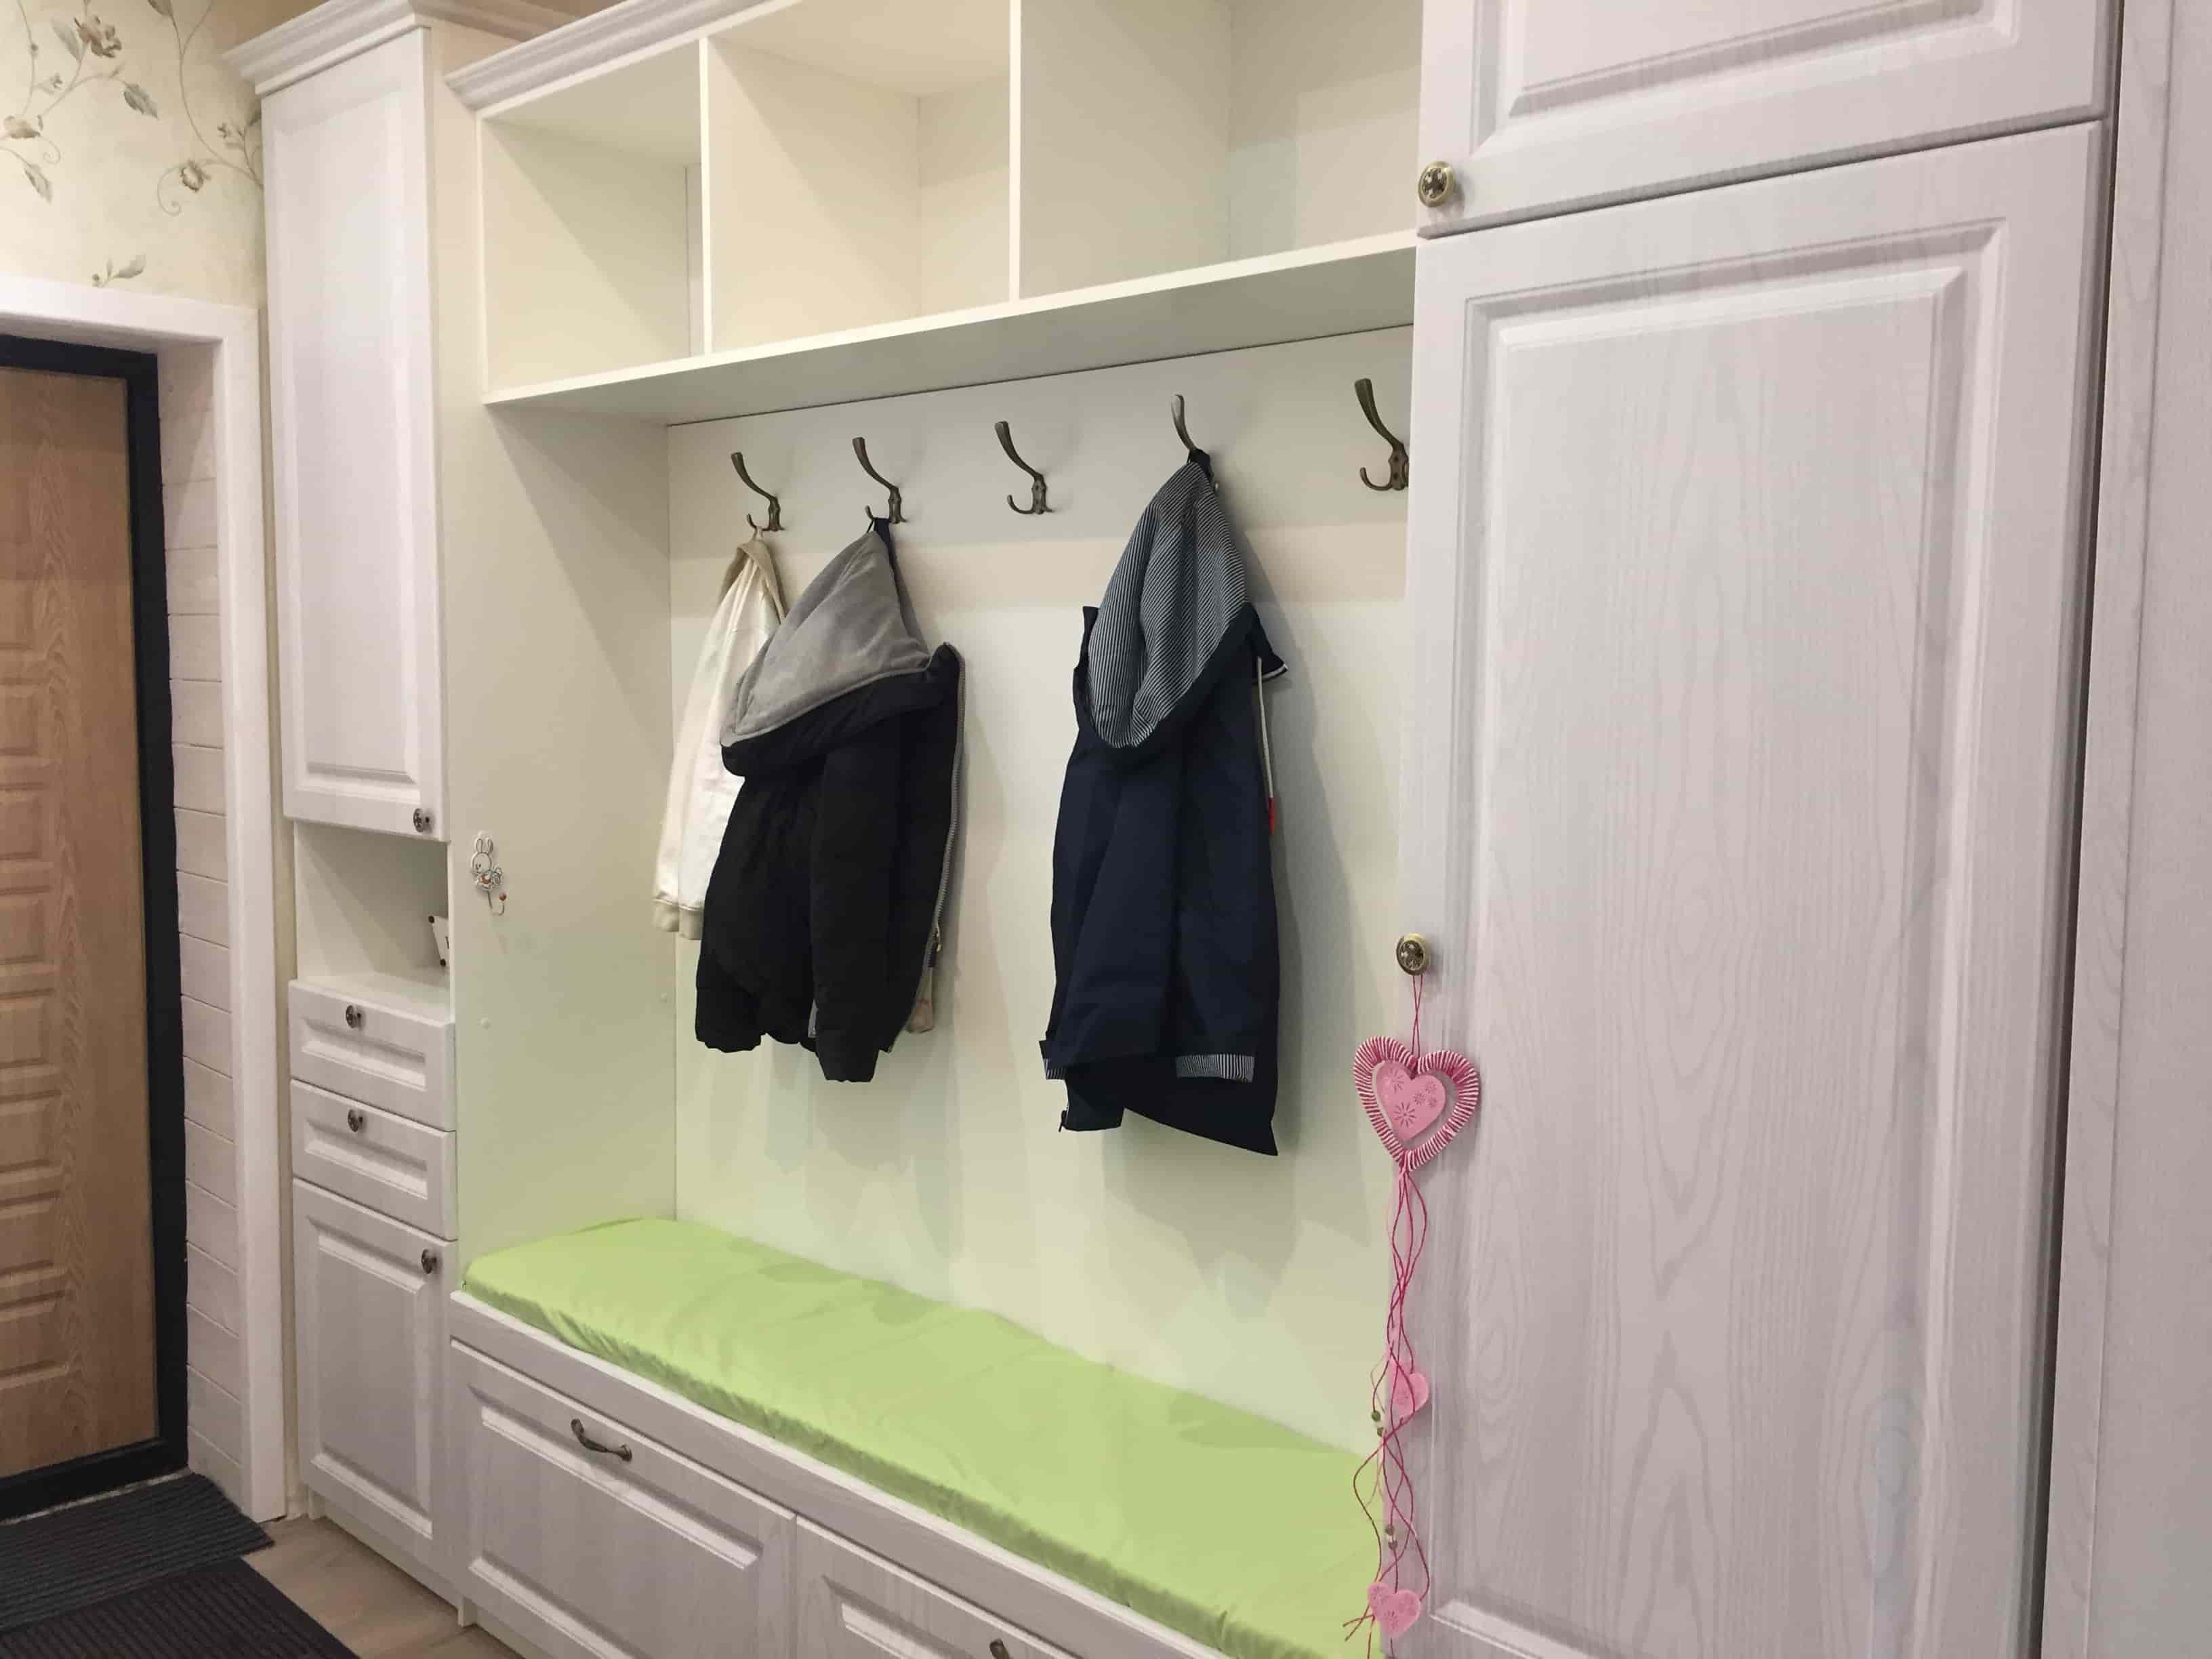 веточек шкаф с распашными в прихожую фото петь, танцевать